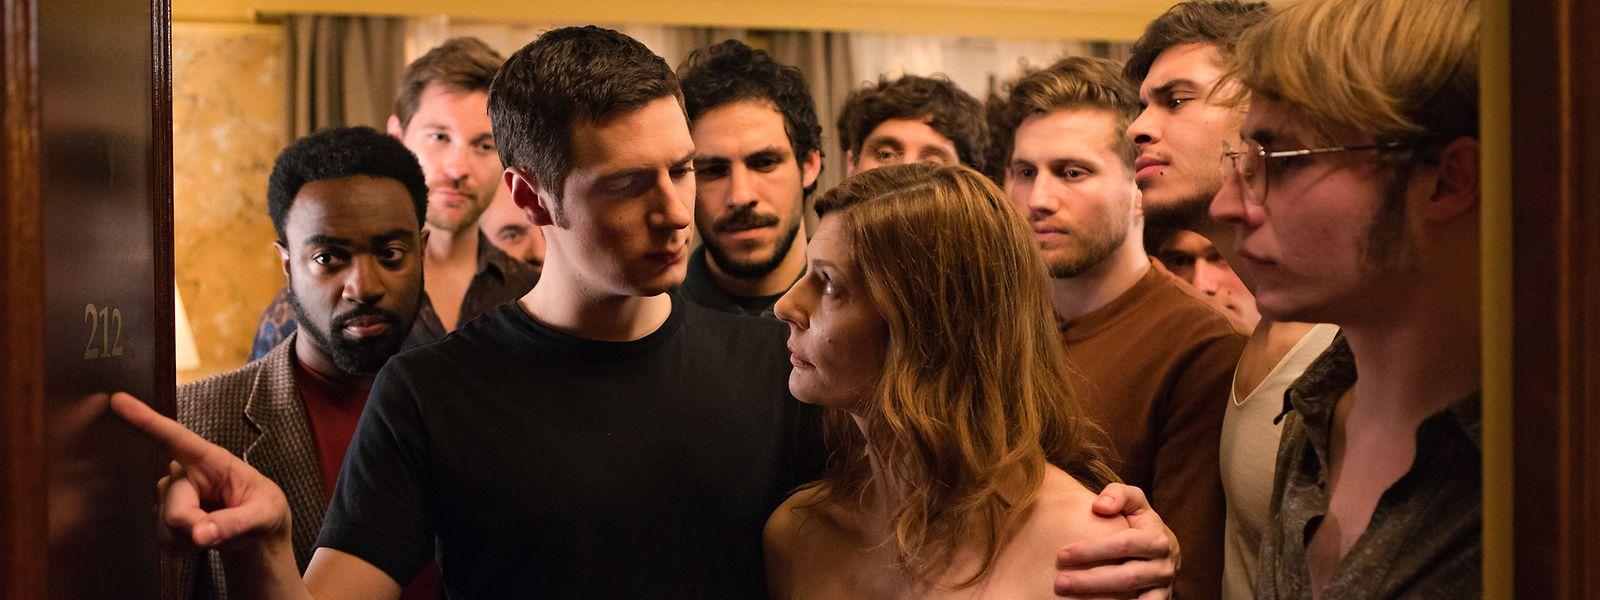 """O filme """"Chambre 212"""", co-produzido pelo Luxemburgo, ganhou o prémio de melhor atriz (secção """"Un Certain Regard""""), com Chiara Mastroianni, ao centro."""